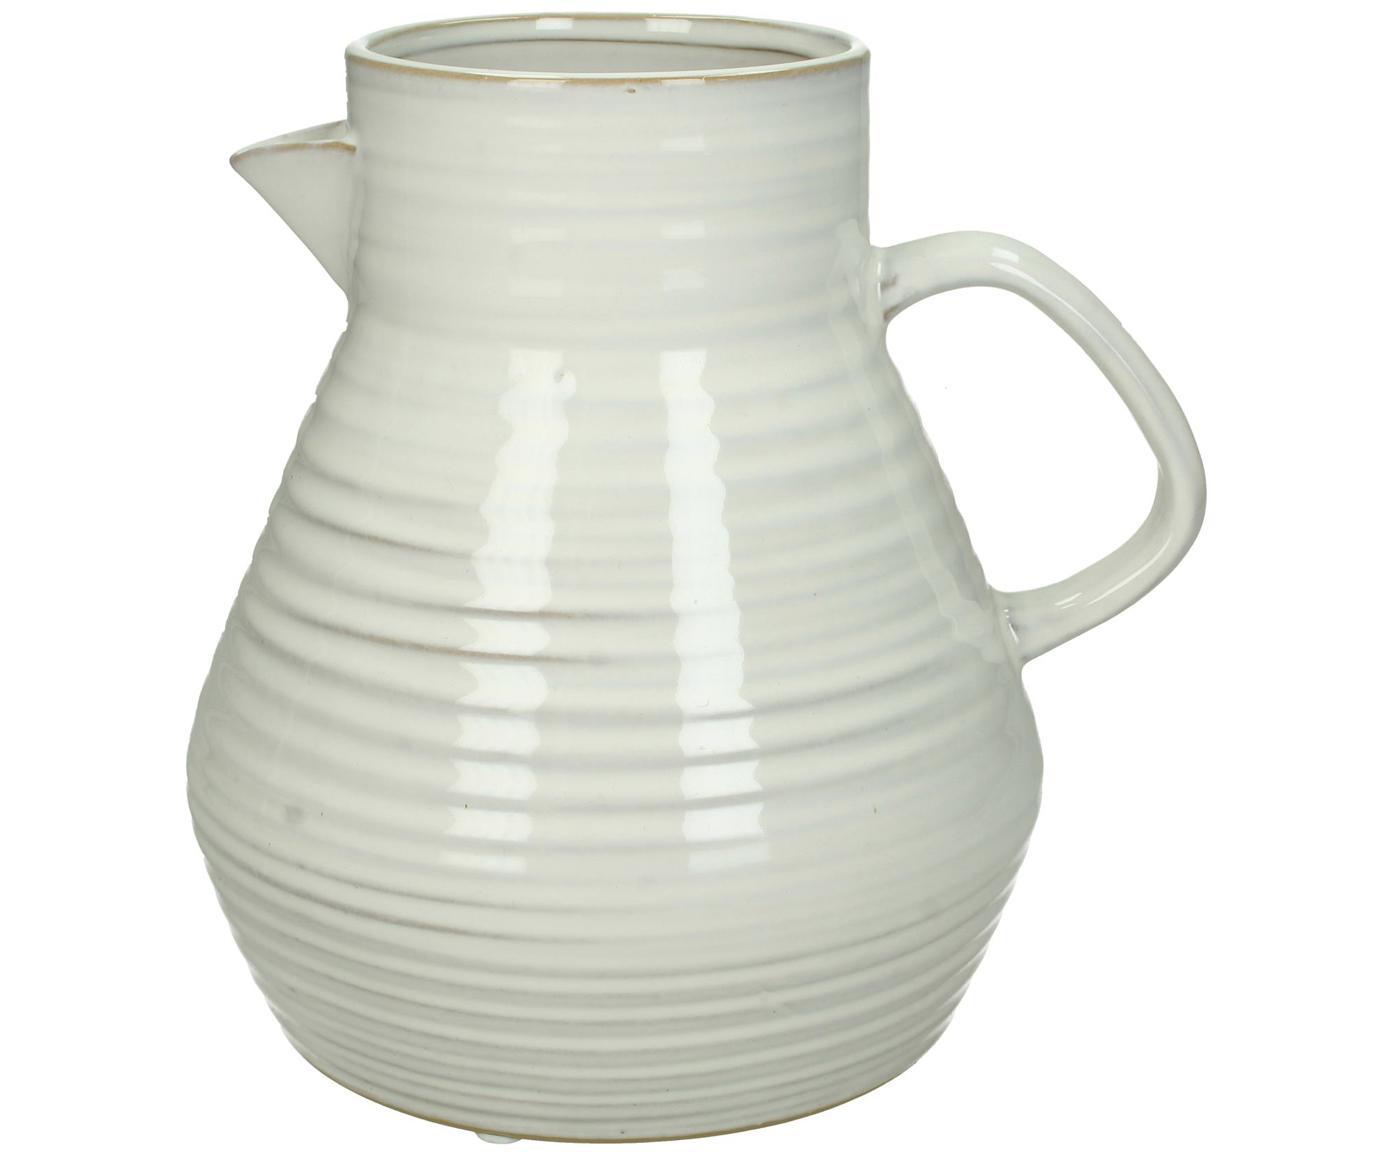 Jarrón / Jarra de gres Pither, Gres, Blanco crudo, beige, An 20 x Al 20 cm